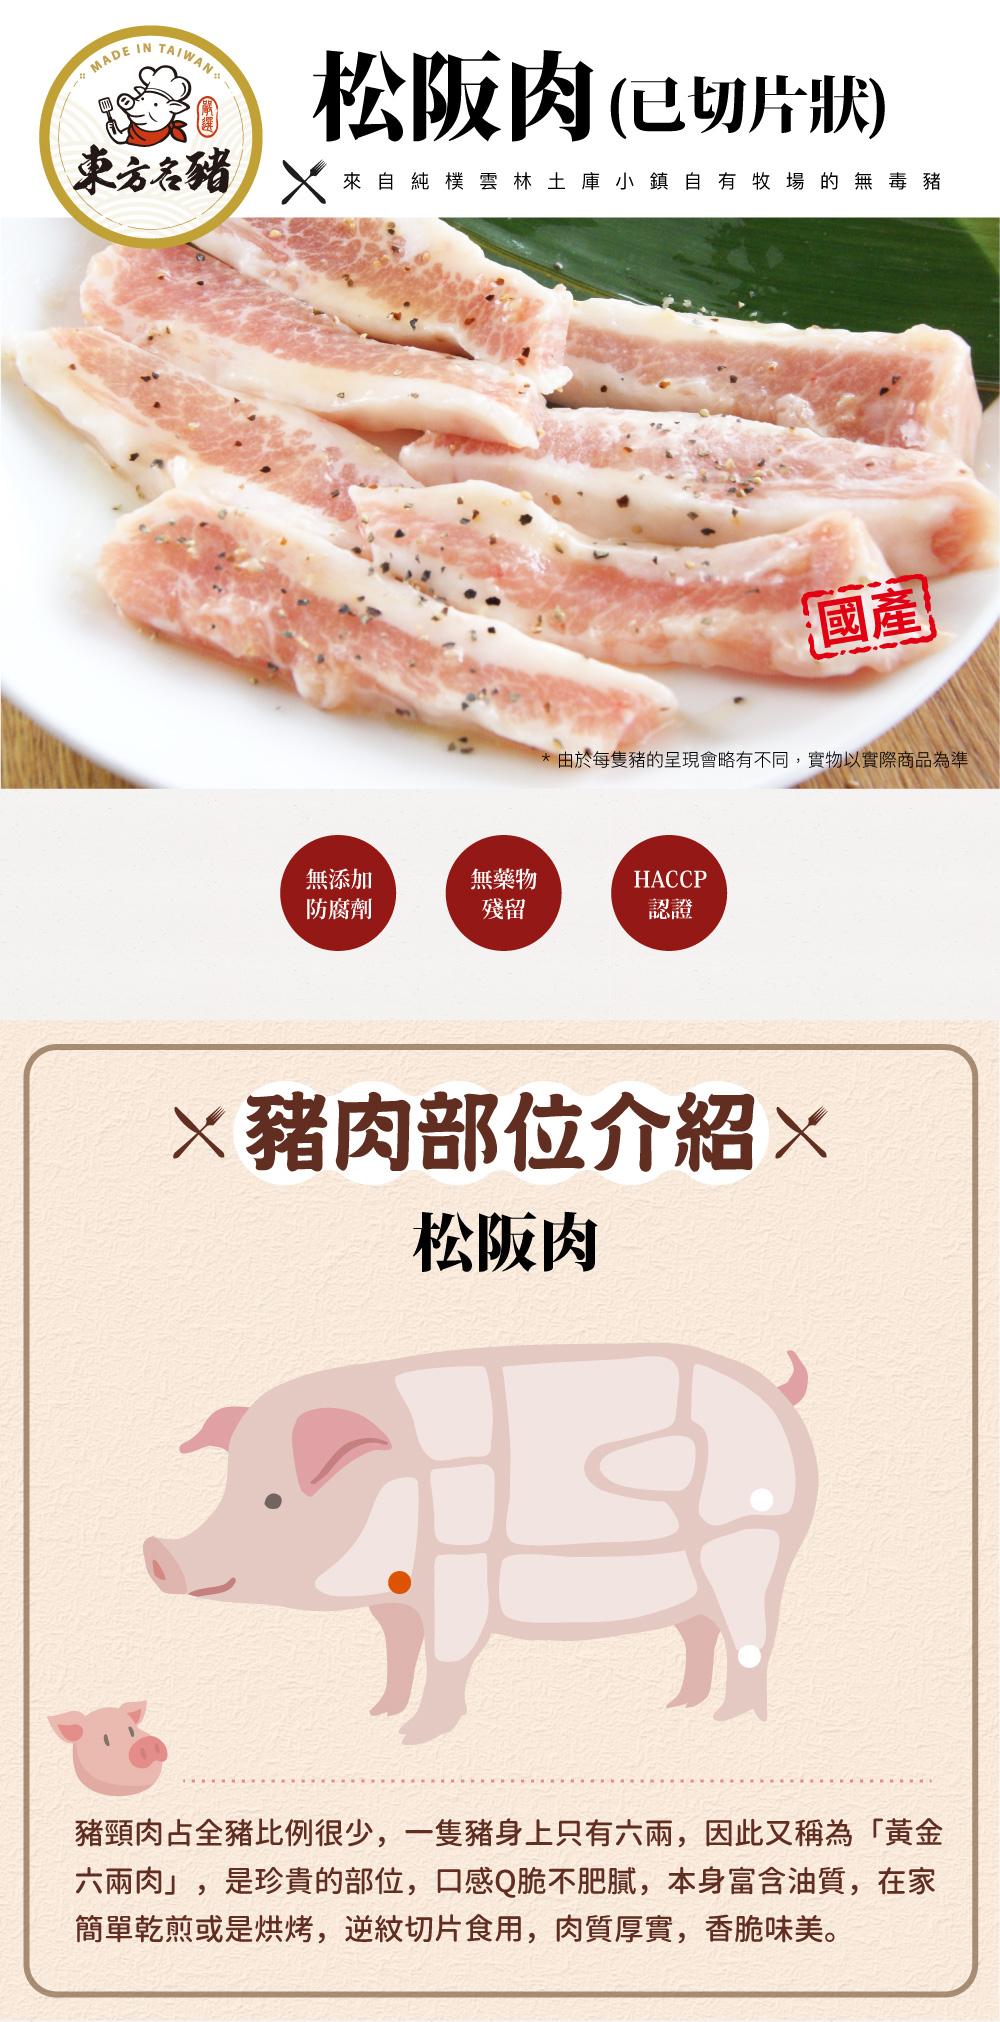 松阪肉短.jpg